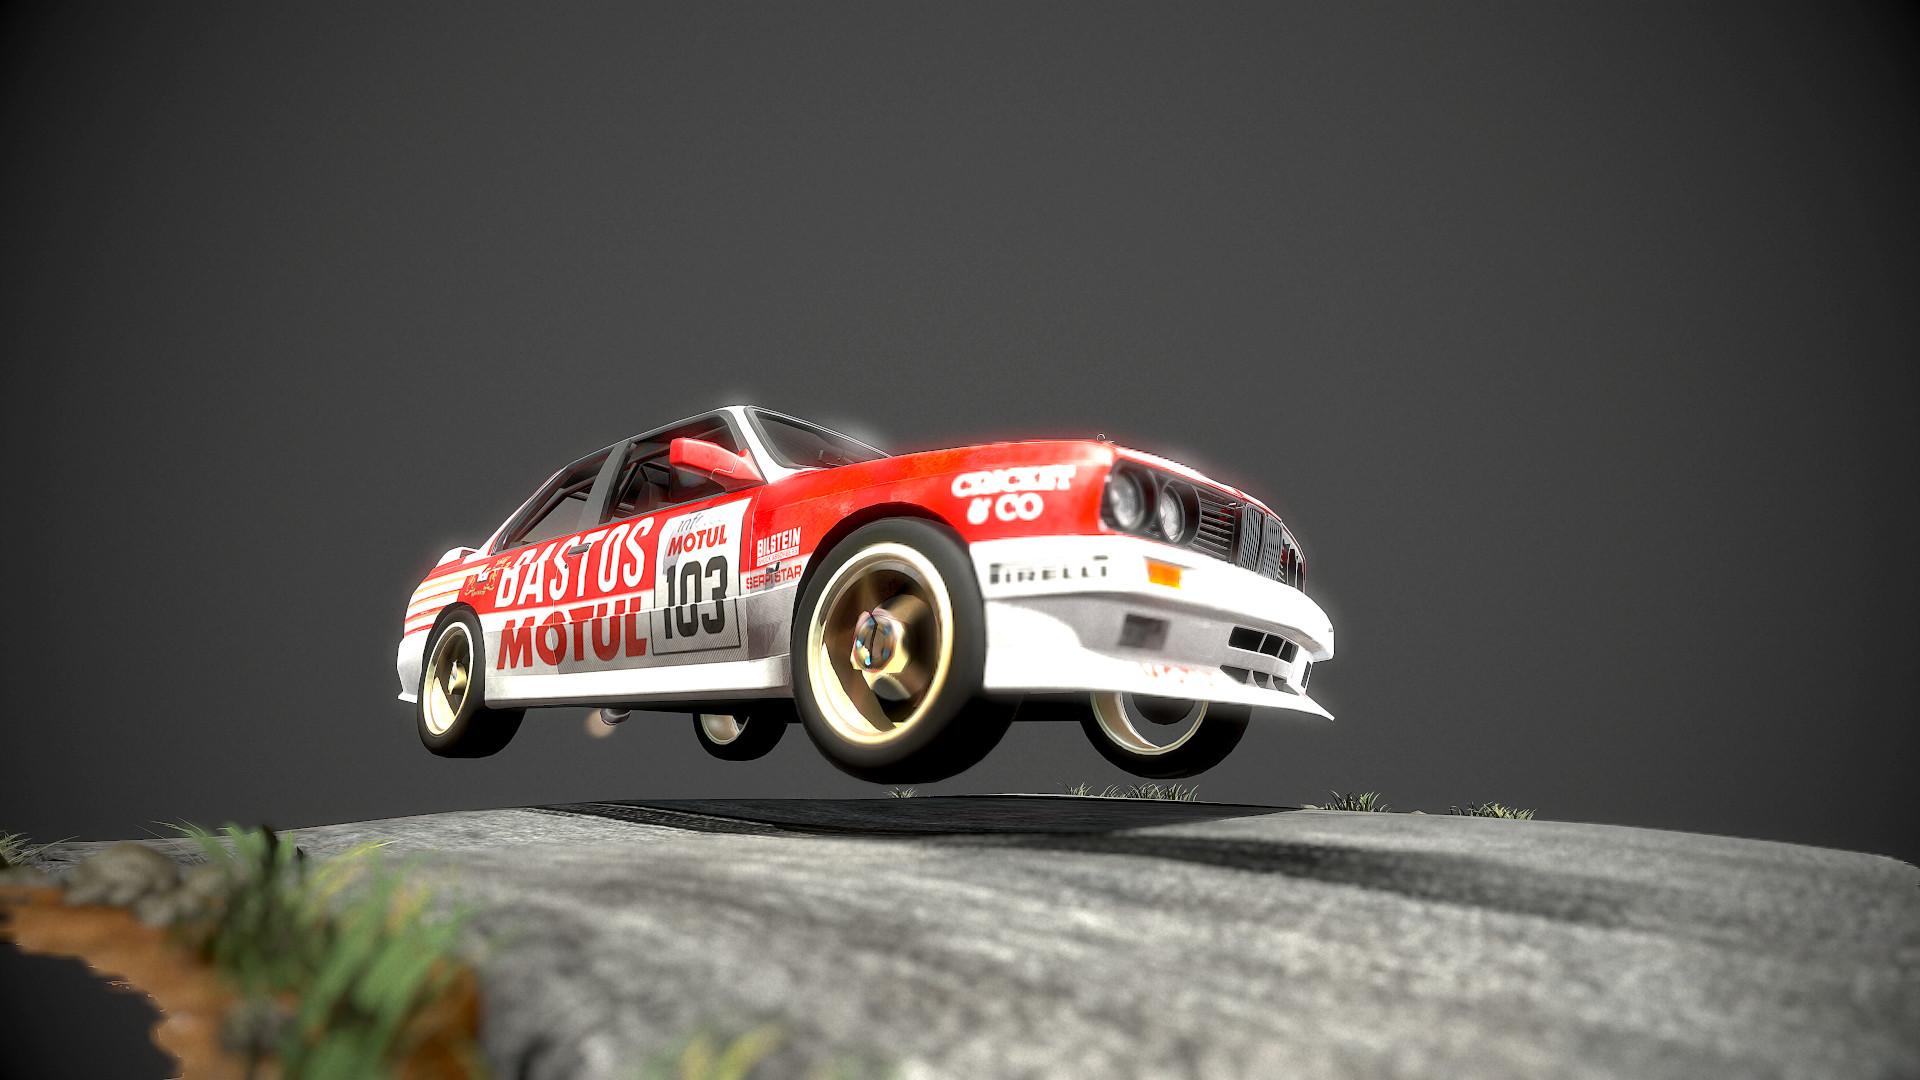 Veaceslav Condraciuc Bmw M3 E30 Rally Car